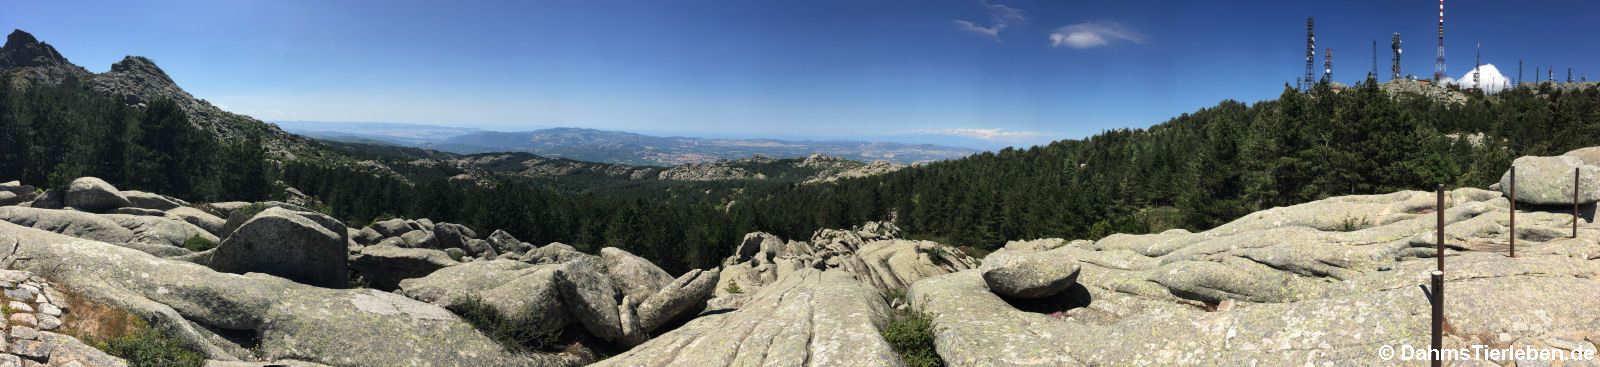 Panoramabild von der Aussichtsplattform des Monte Limbara